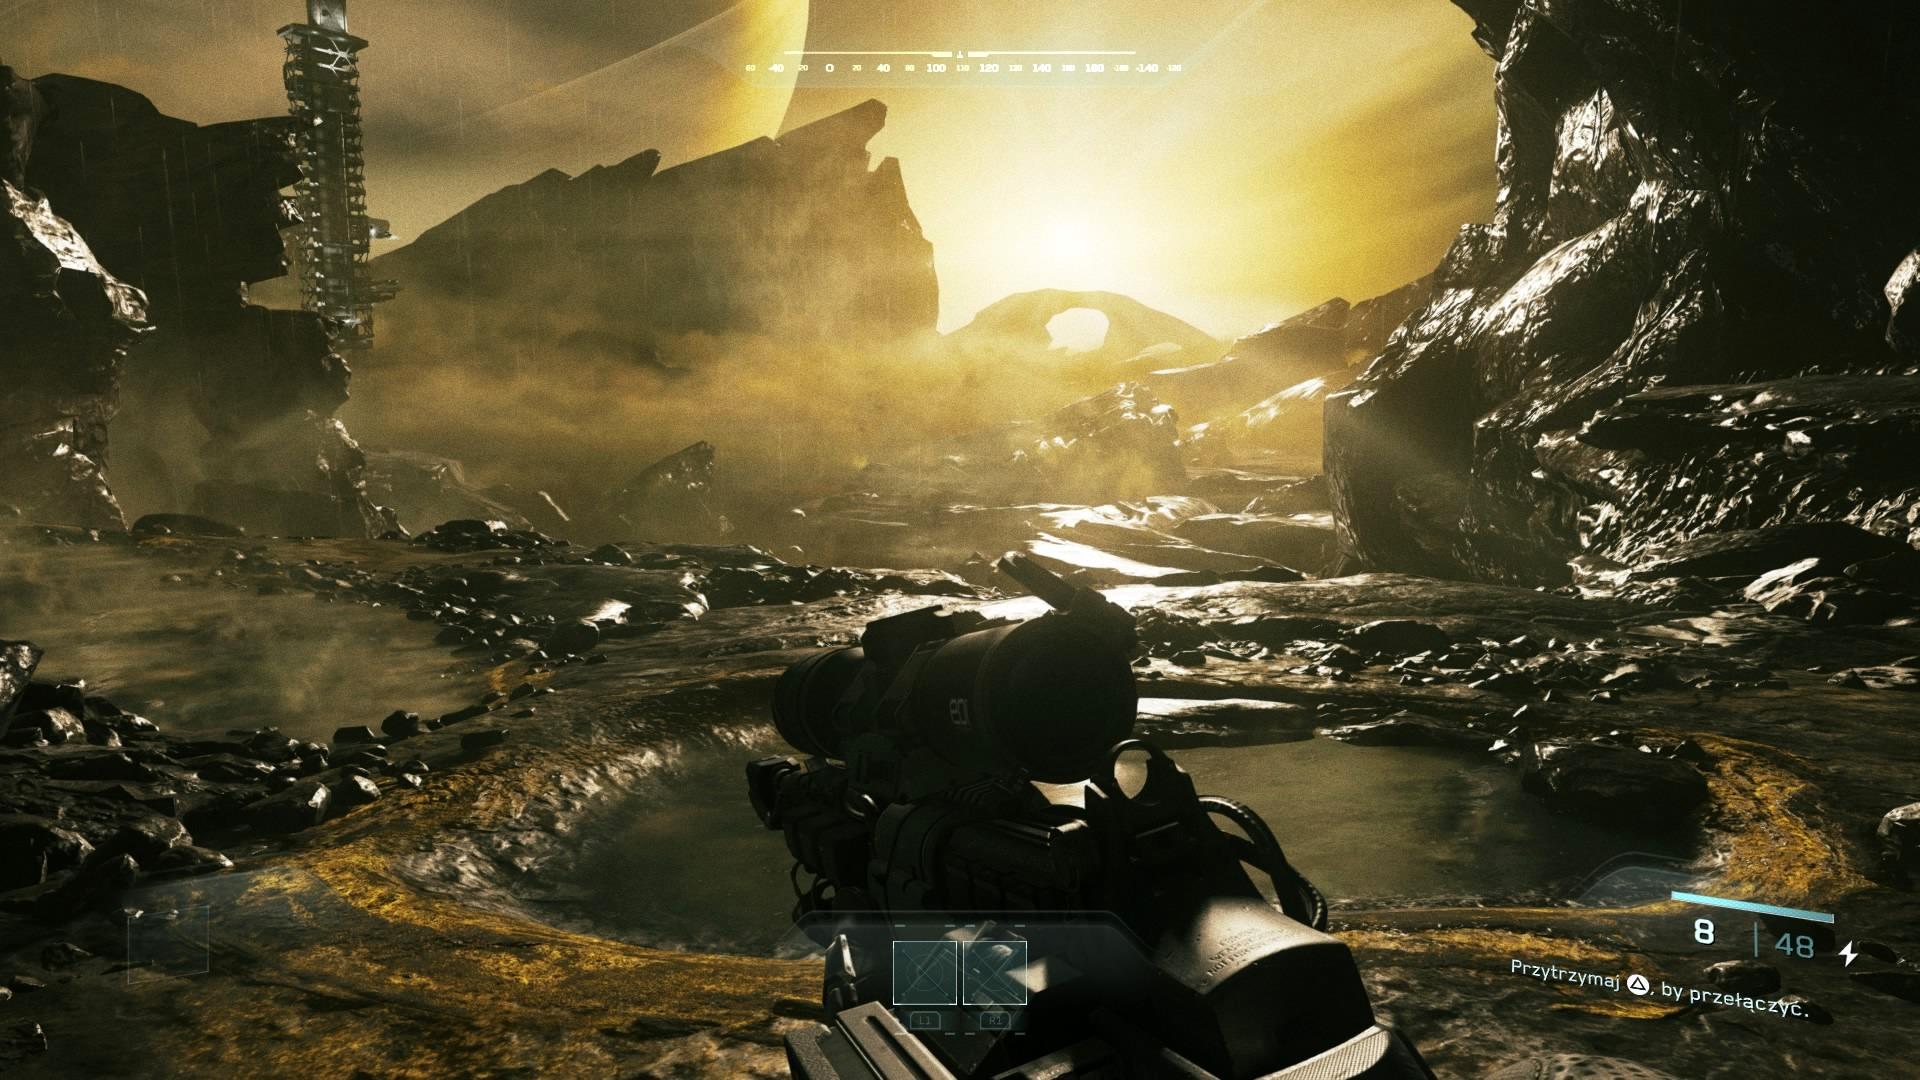 W grze nie brakuje imponująco zaprojektowanych scenerii. Mimo że silnik graficzny ma swoje lata, to twórcy po jego aktualizacji potrafią jeszcze sporo z niego wycisnąć.